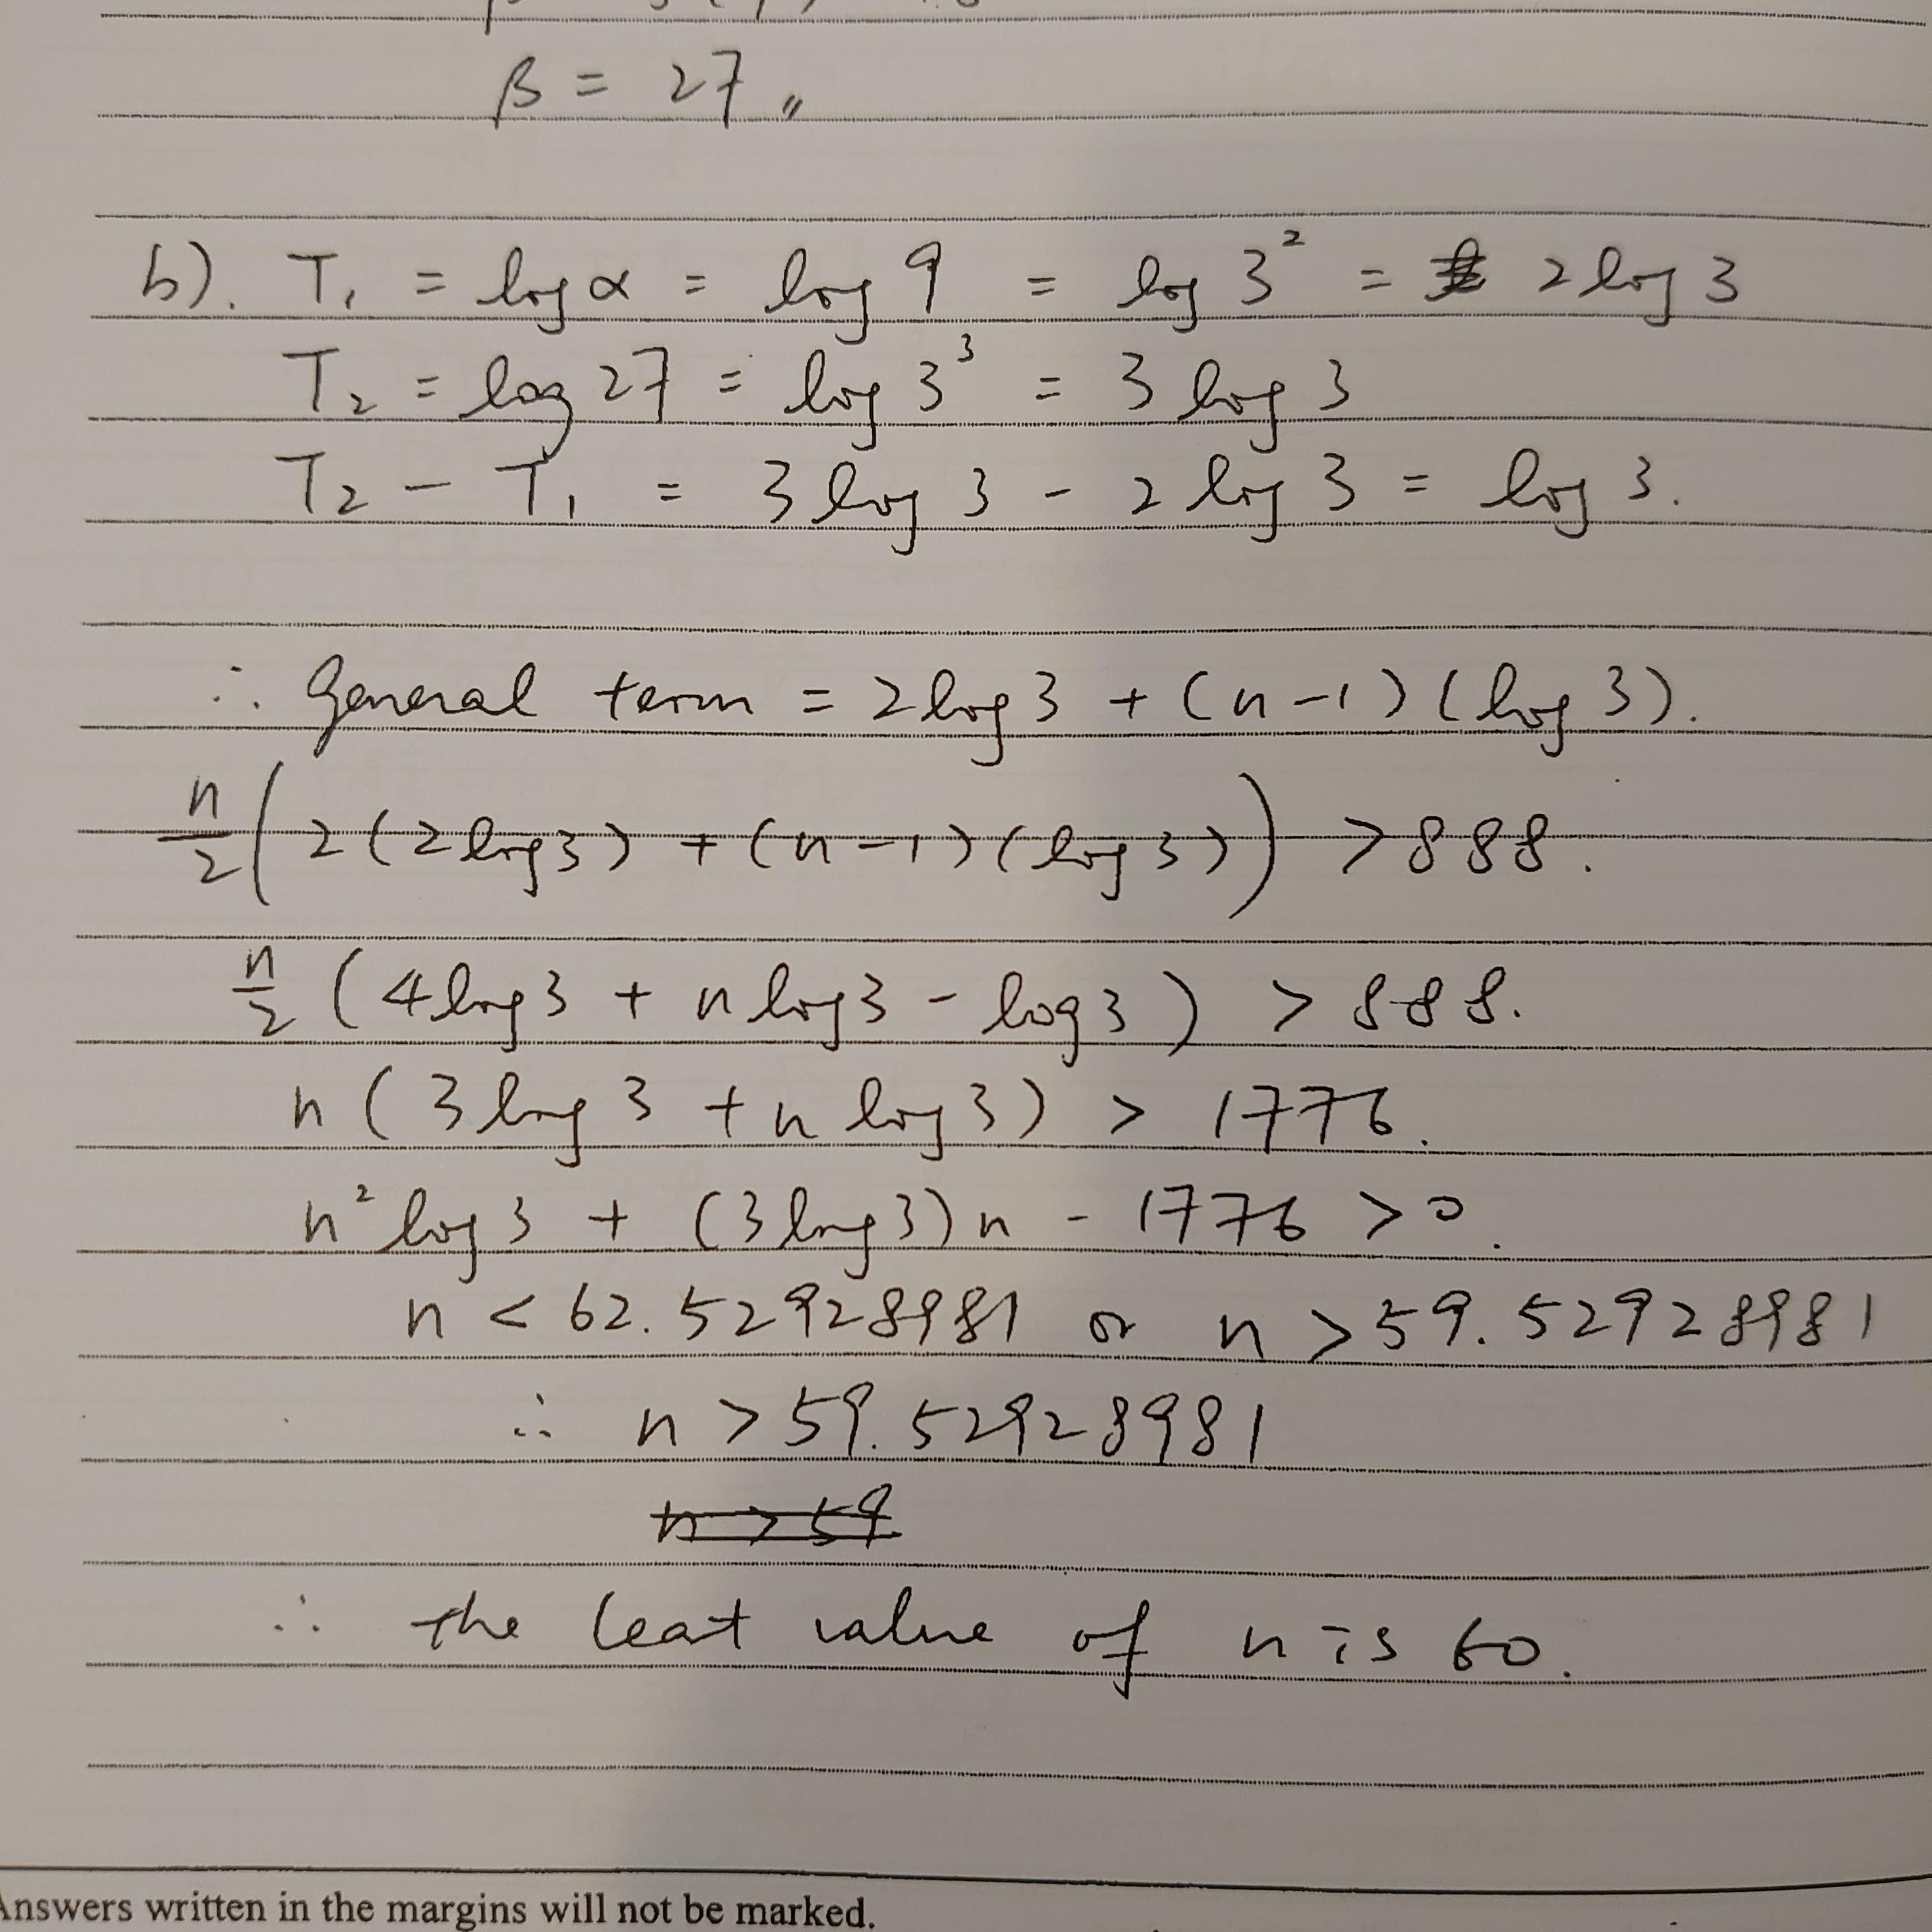 [DSE 2019] 你地溫 數學 又溫成點呢? [10]   LIHKG 討論區